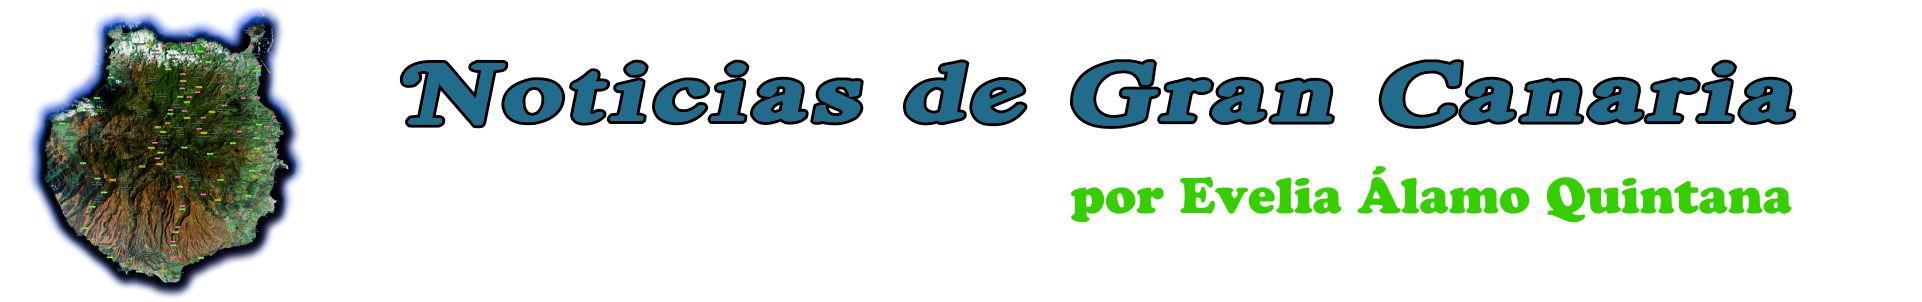 Noticias de Gran Canaria por Evelia Álamo Quintana